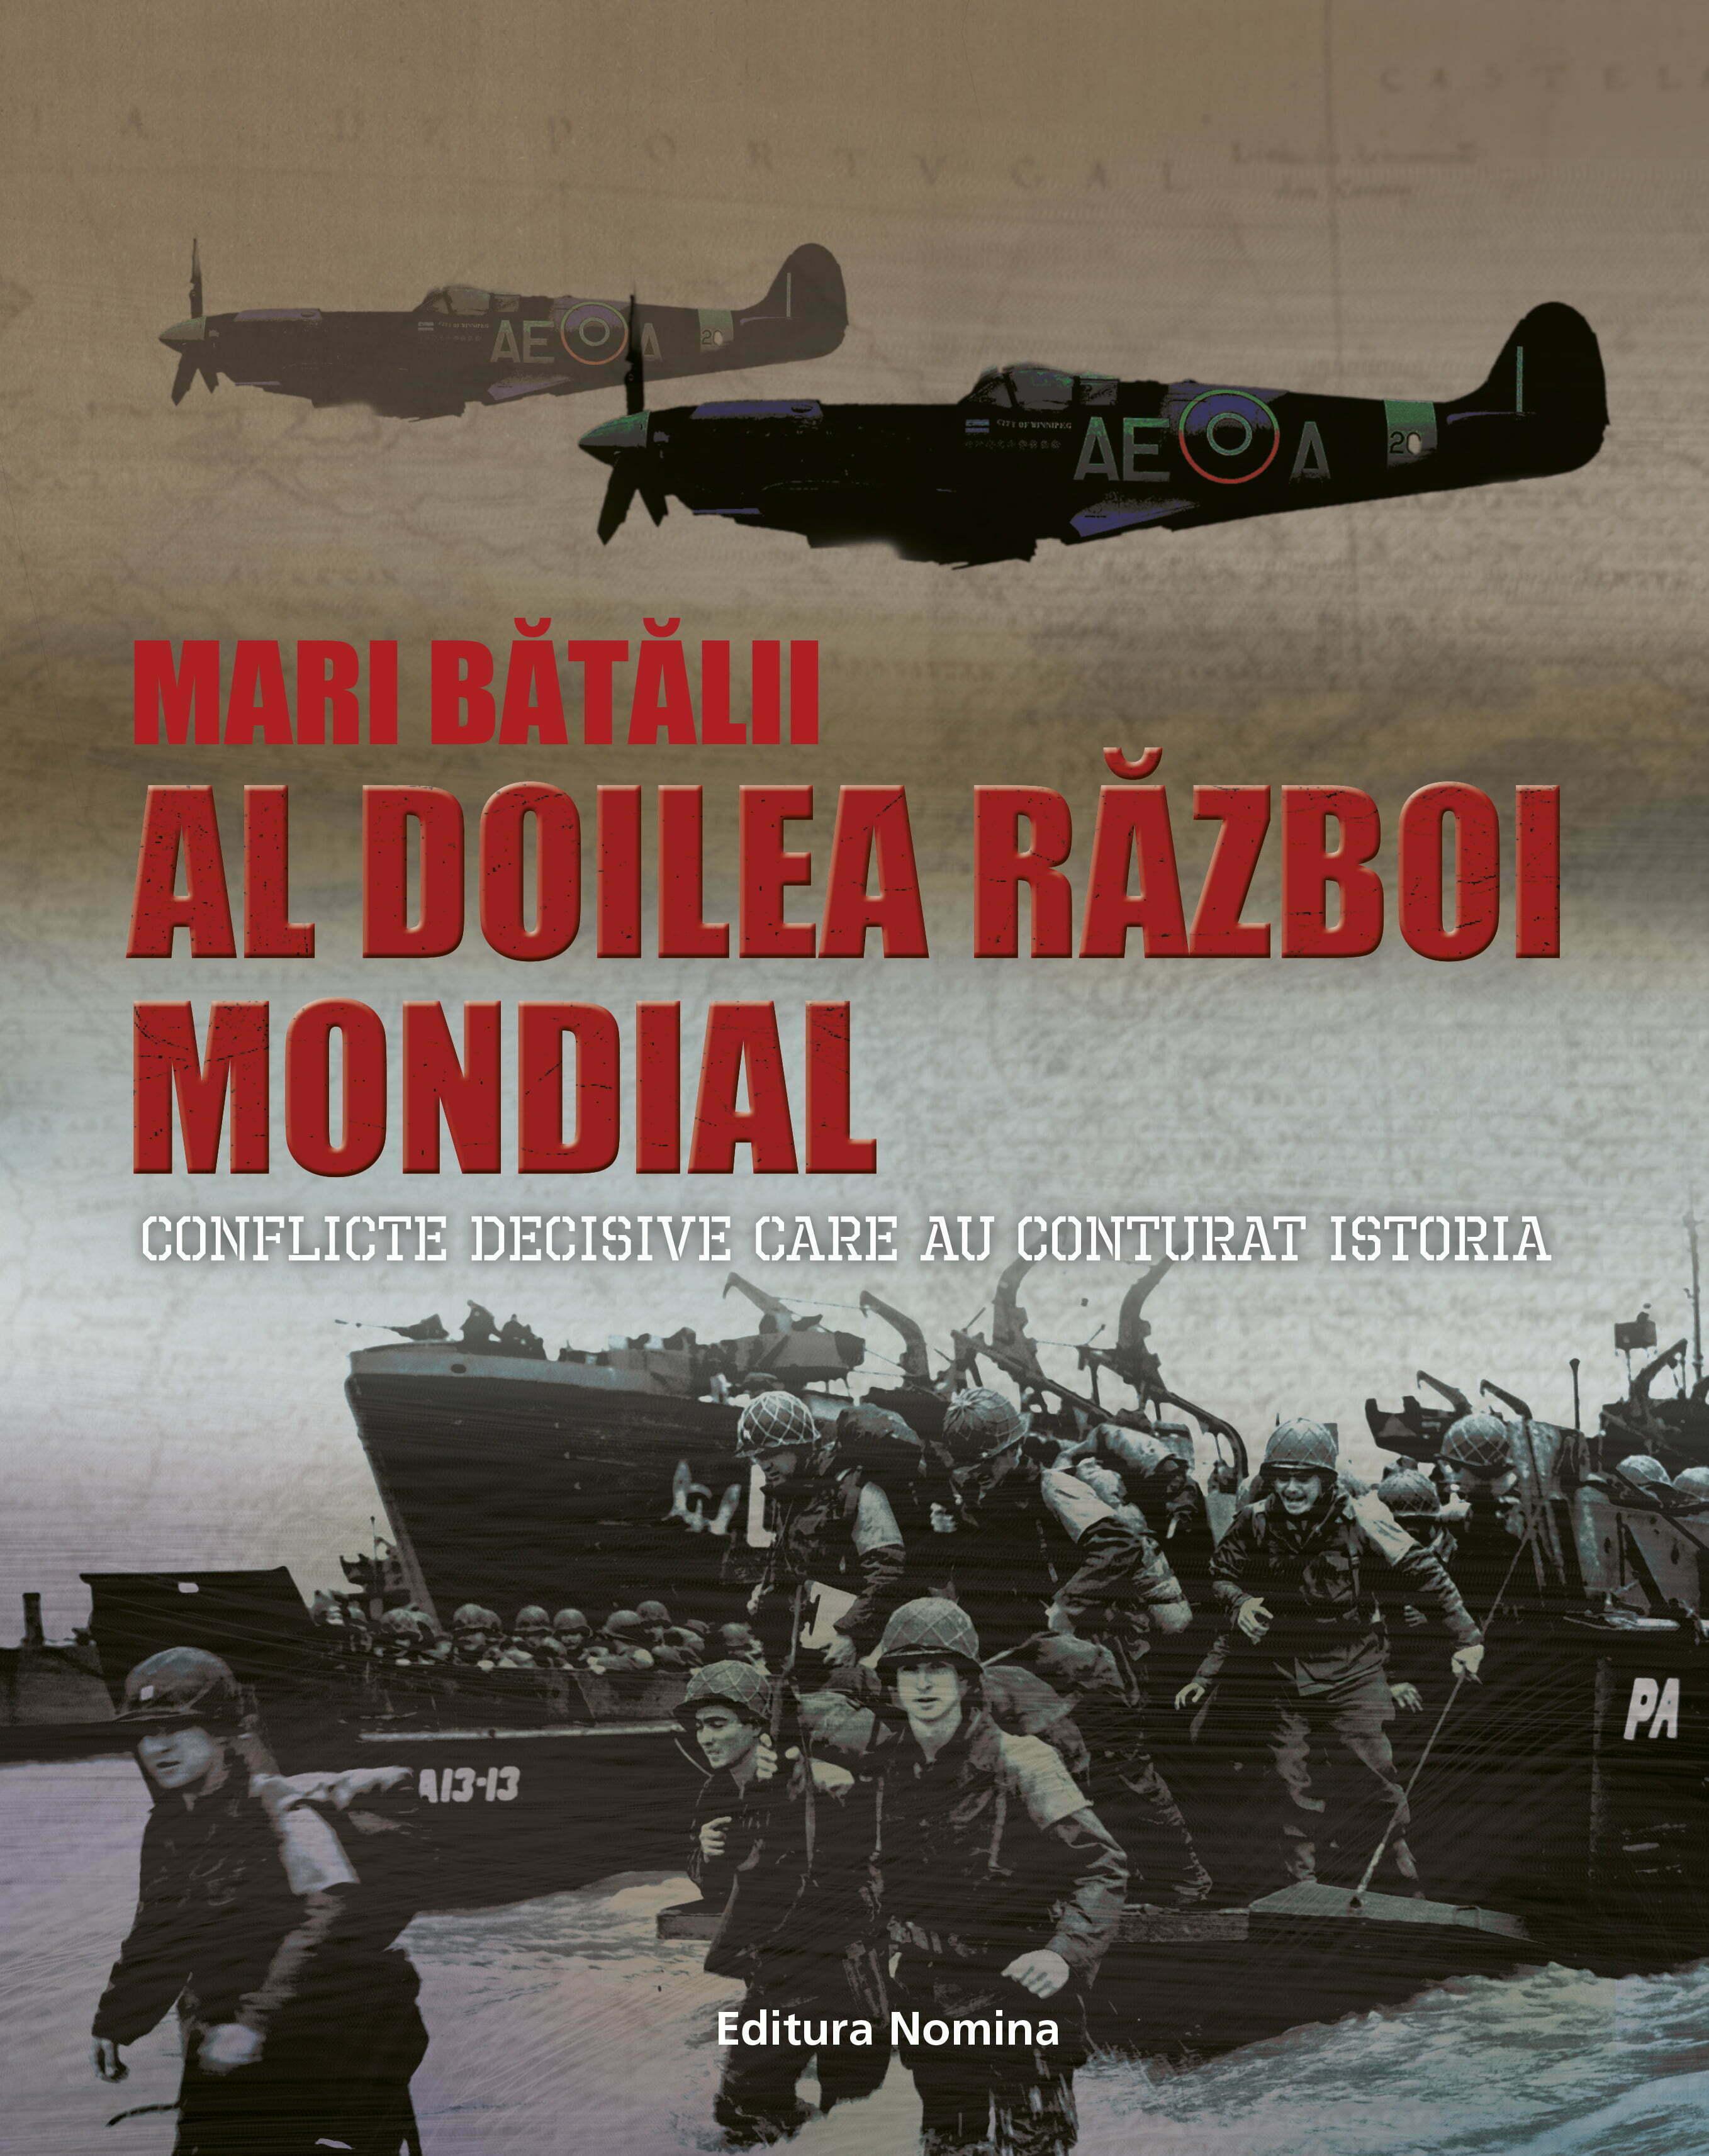 """Lansarea volumului """"Mari Bătălii – al Doilea Război Mondial"""", Rupert Butler, Martin J. Dougherty, Michael E. Haskew, Christer Jorgensen, Chris Mann și Chris McNab  (Ed. Nomina, 2018)"""